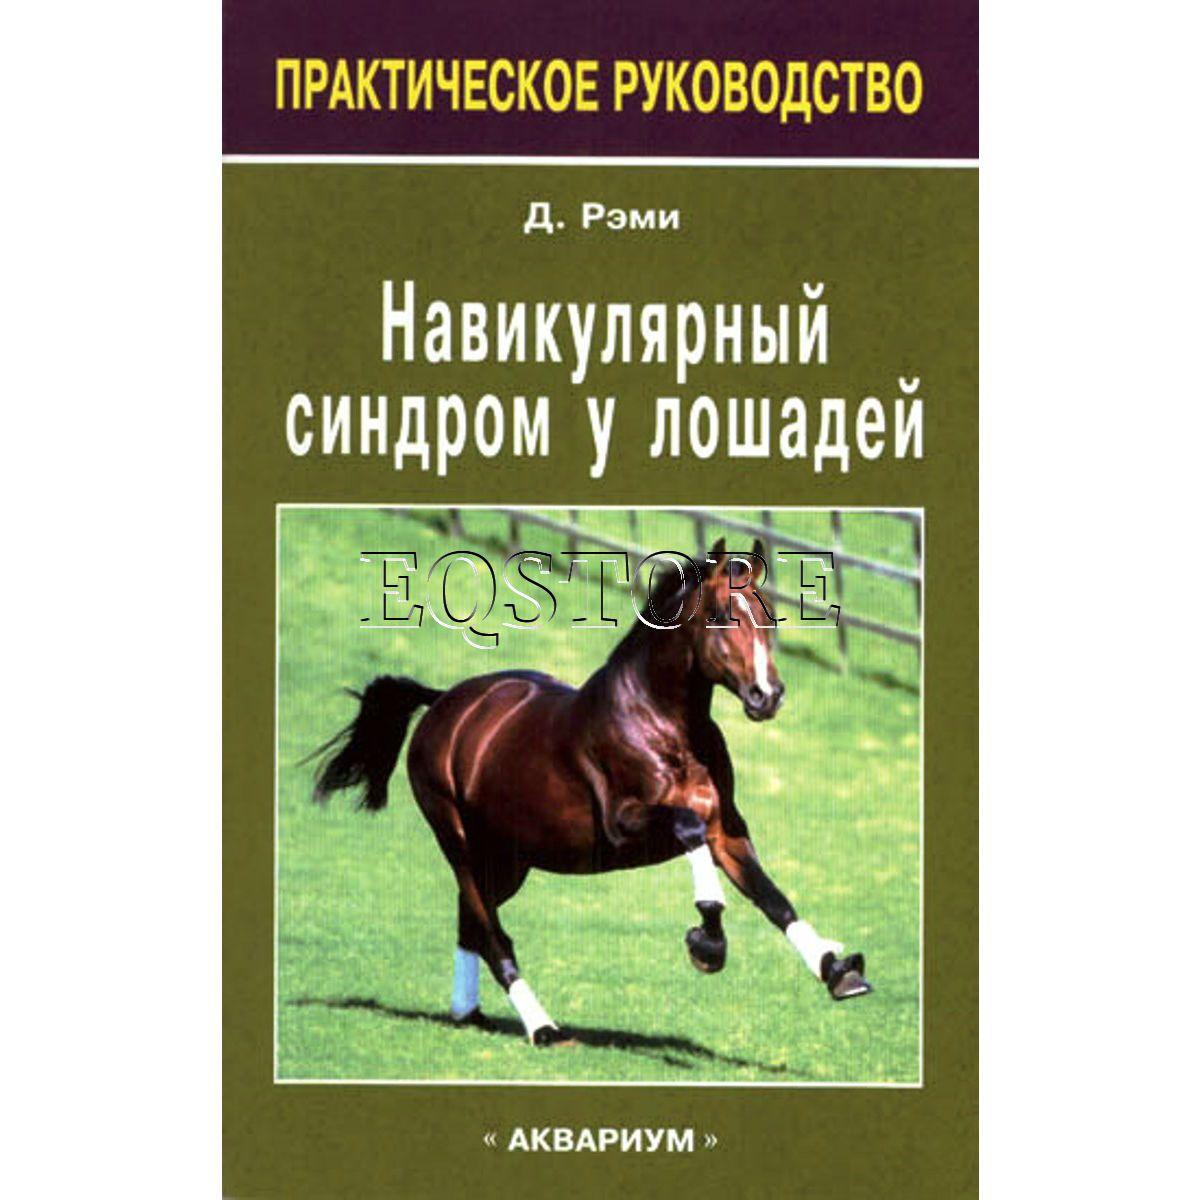 Навикулярный синдром у лошадей